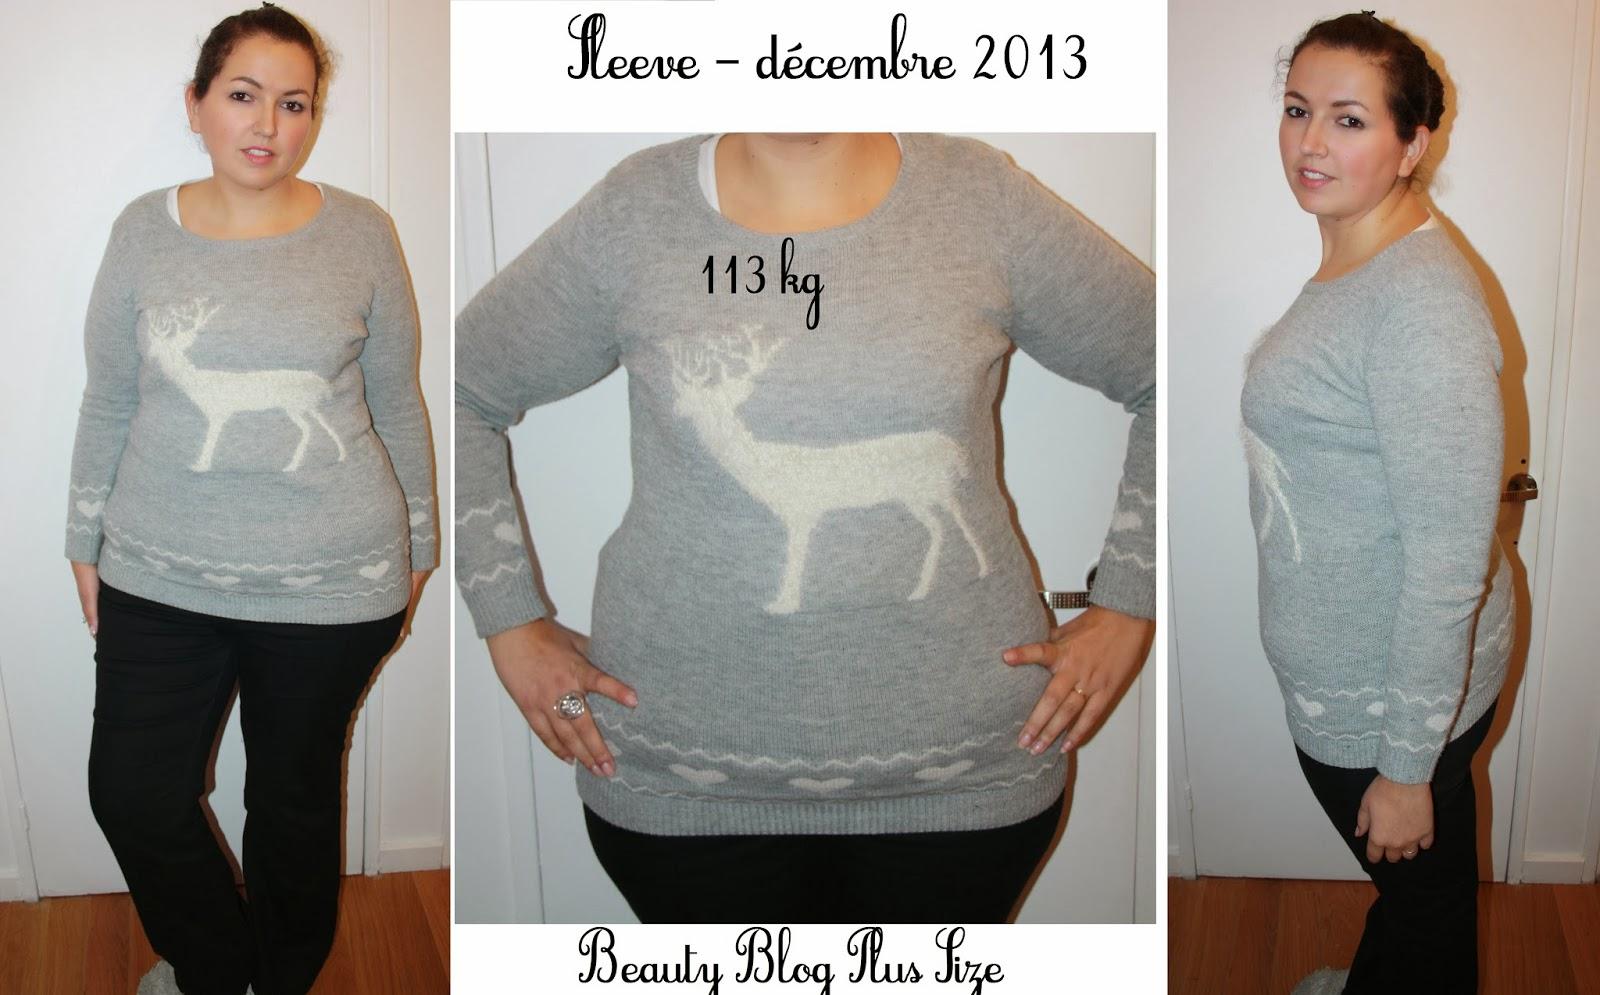 Beauty Blog Plus Size : Raconte ma vie #3: perdre 40 kg